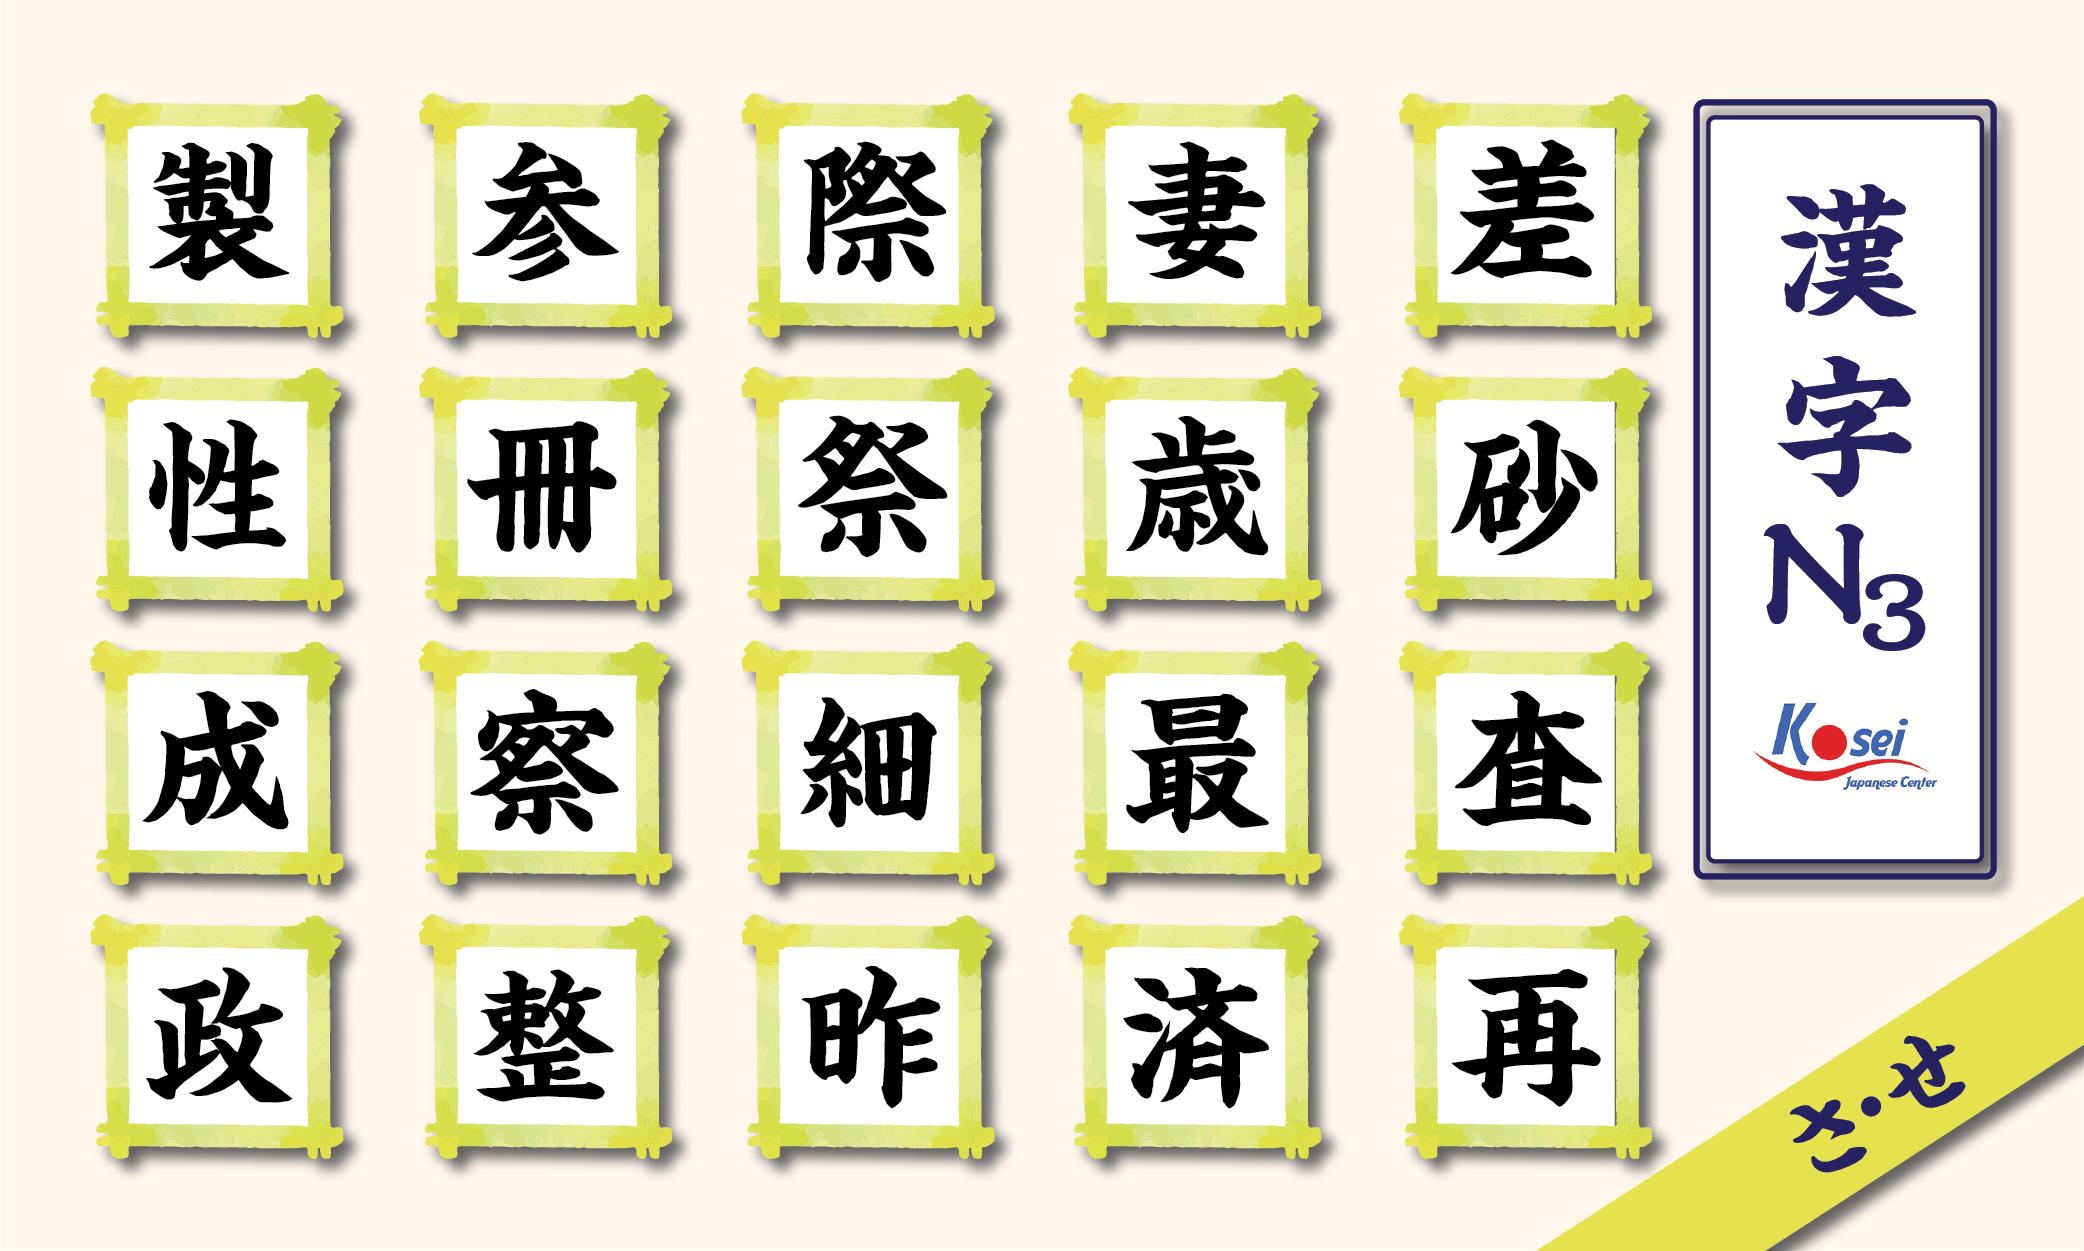 Tổng hợp Kanji N3 theo âm on: hàng S (phần 1)